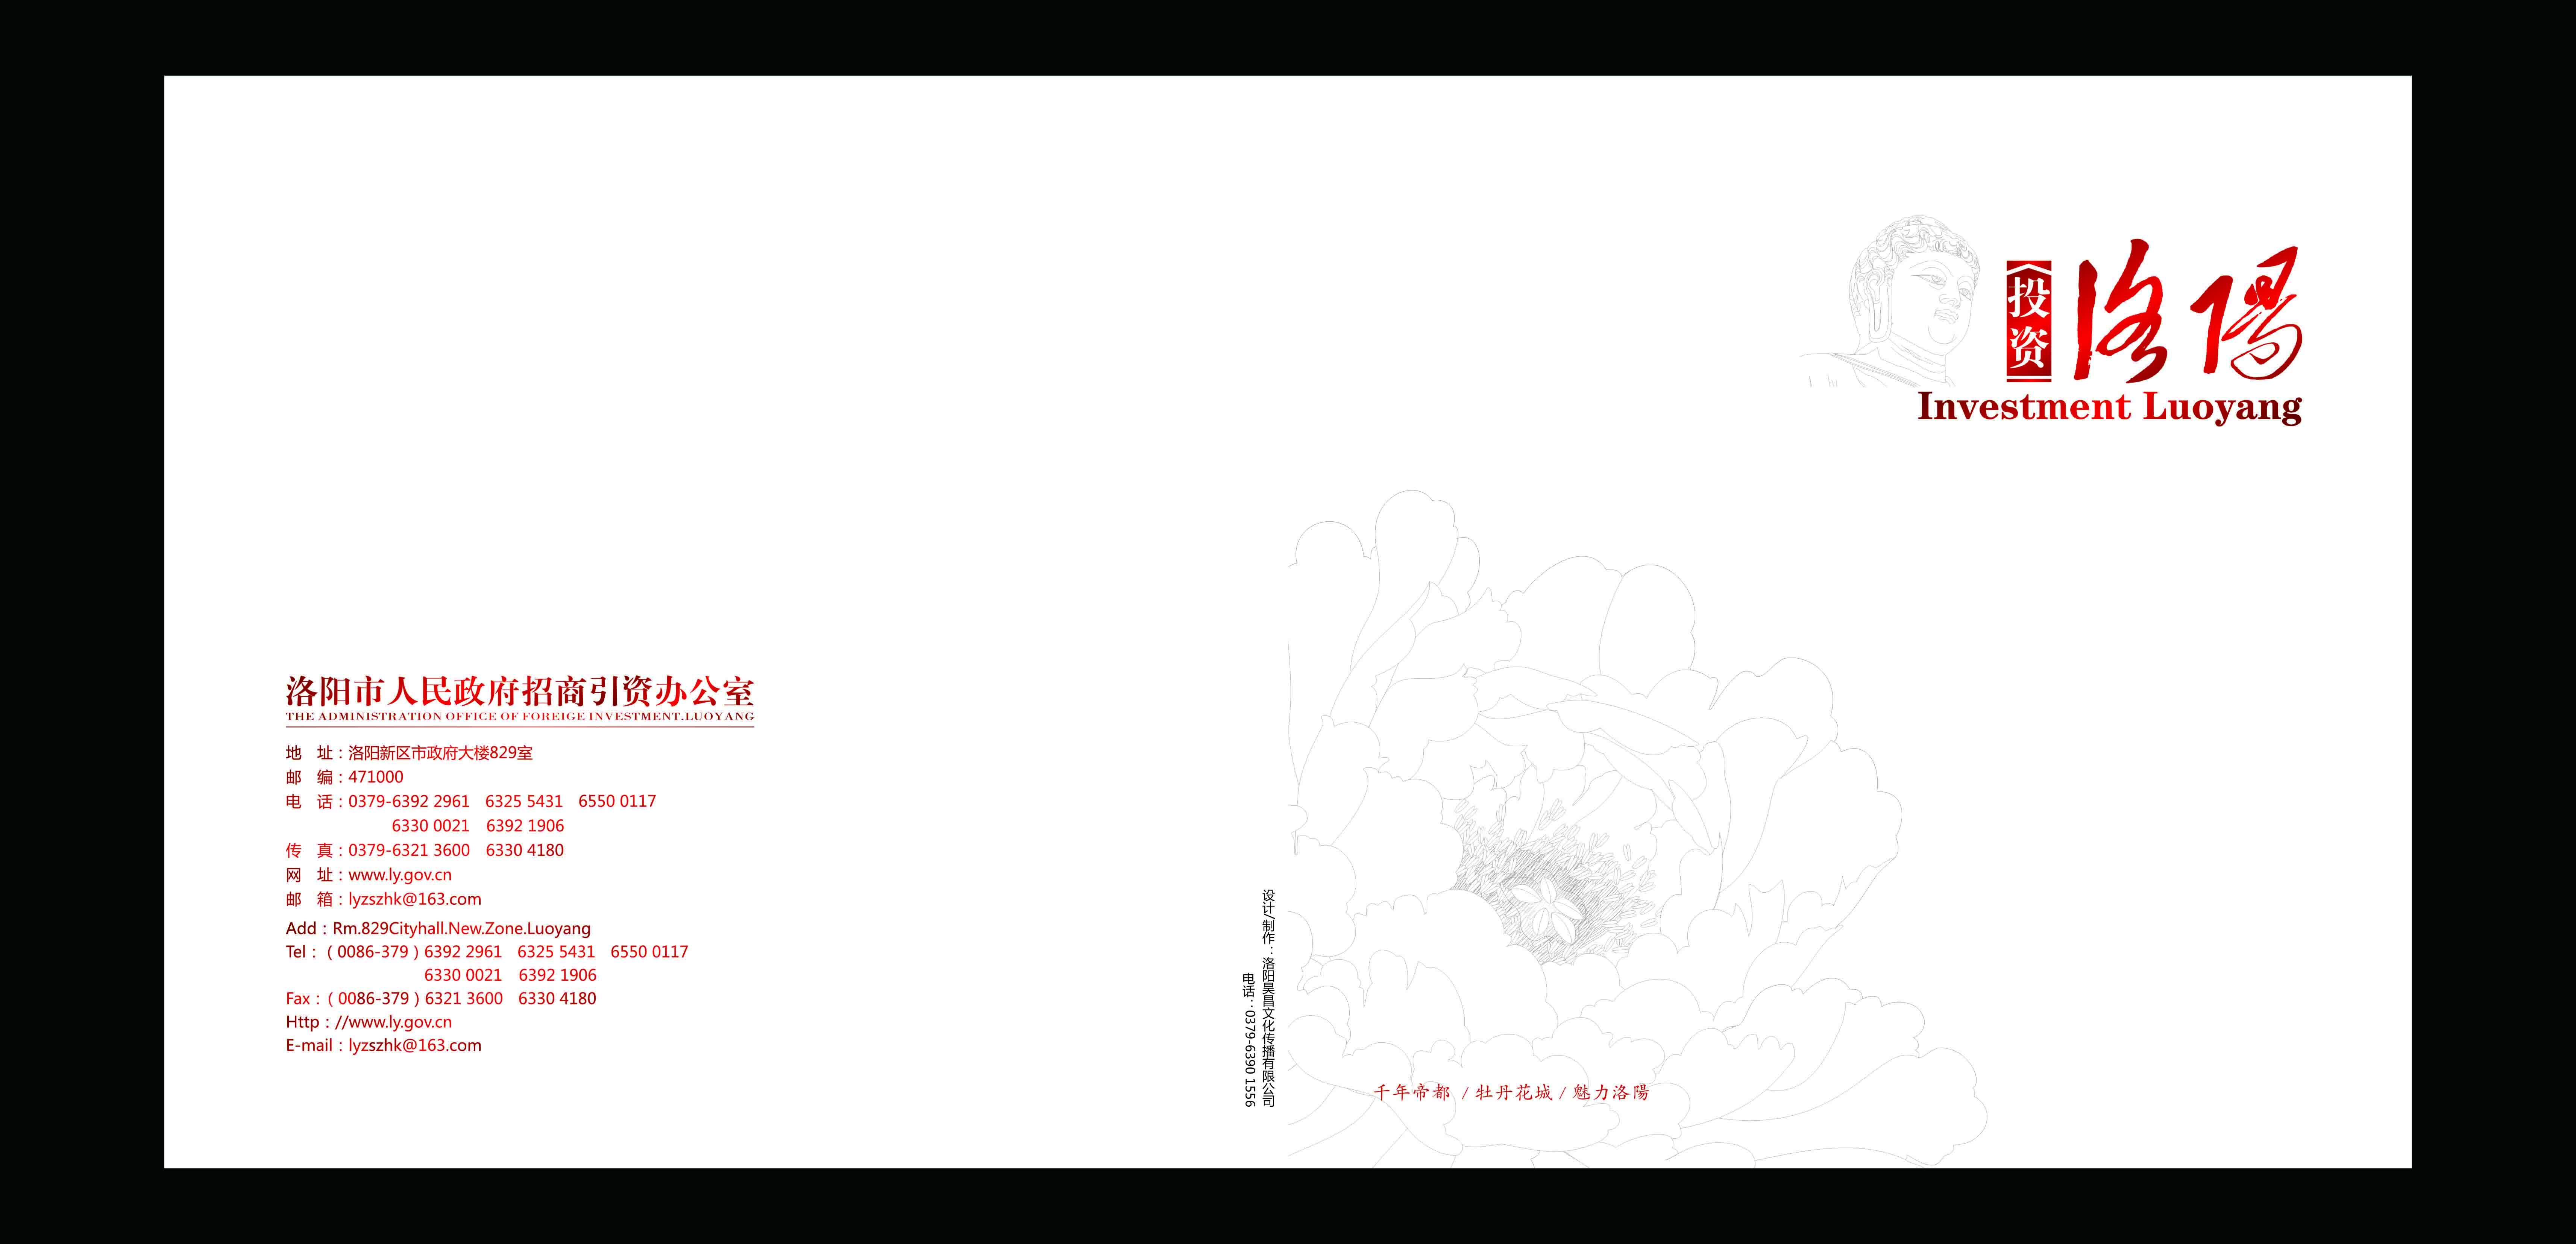 投资洛阳画册